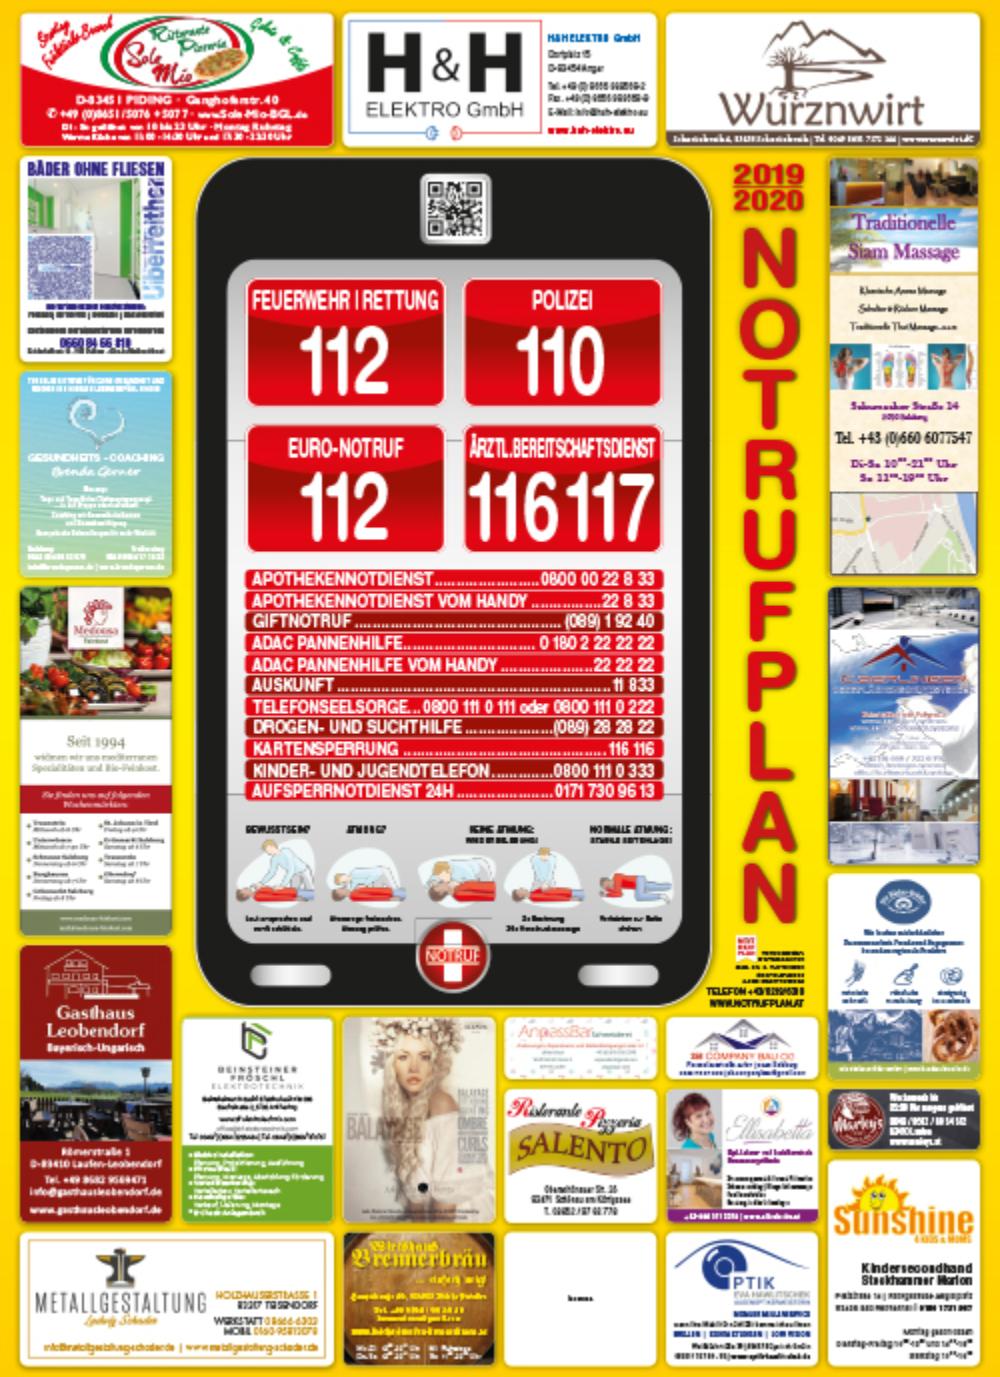 NRP Berchtesgaden18 420x594.indd